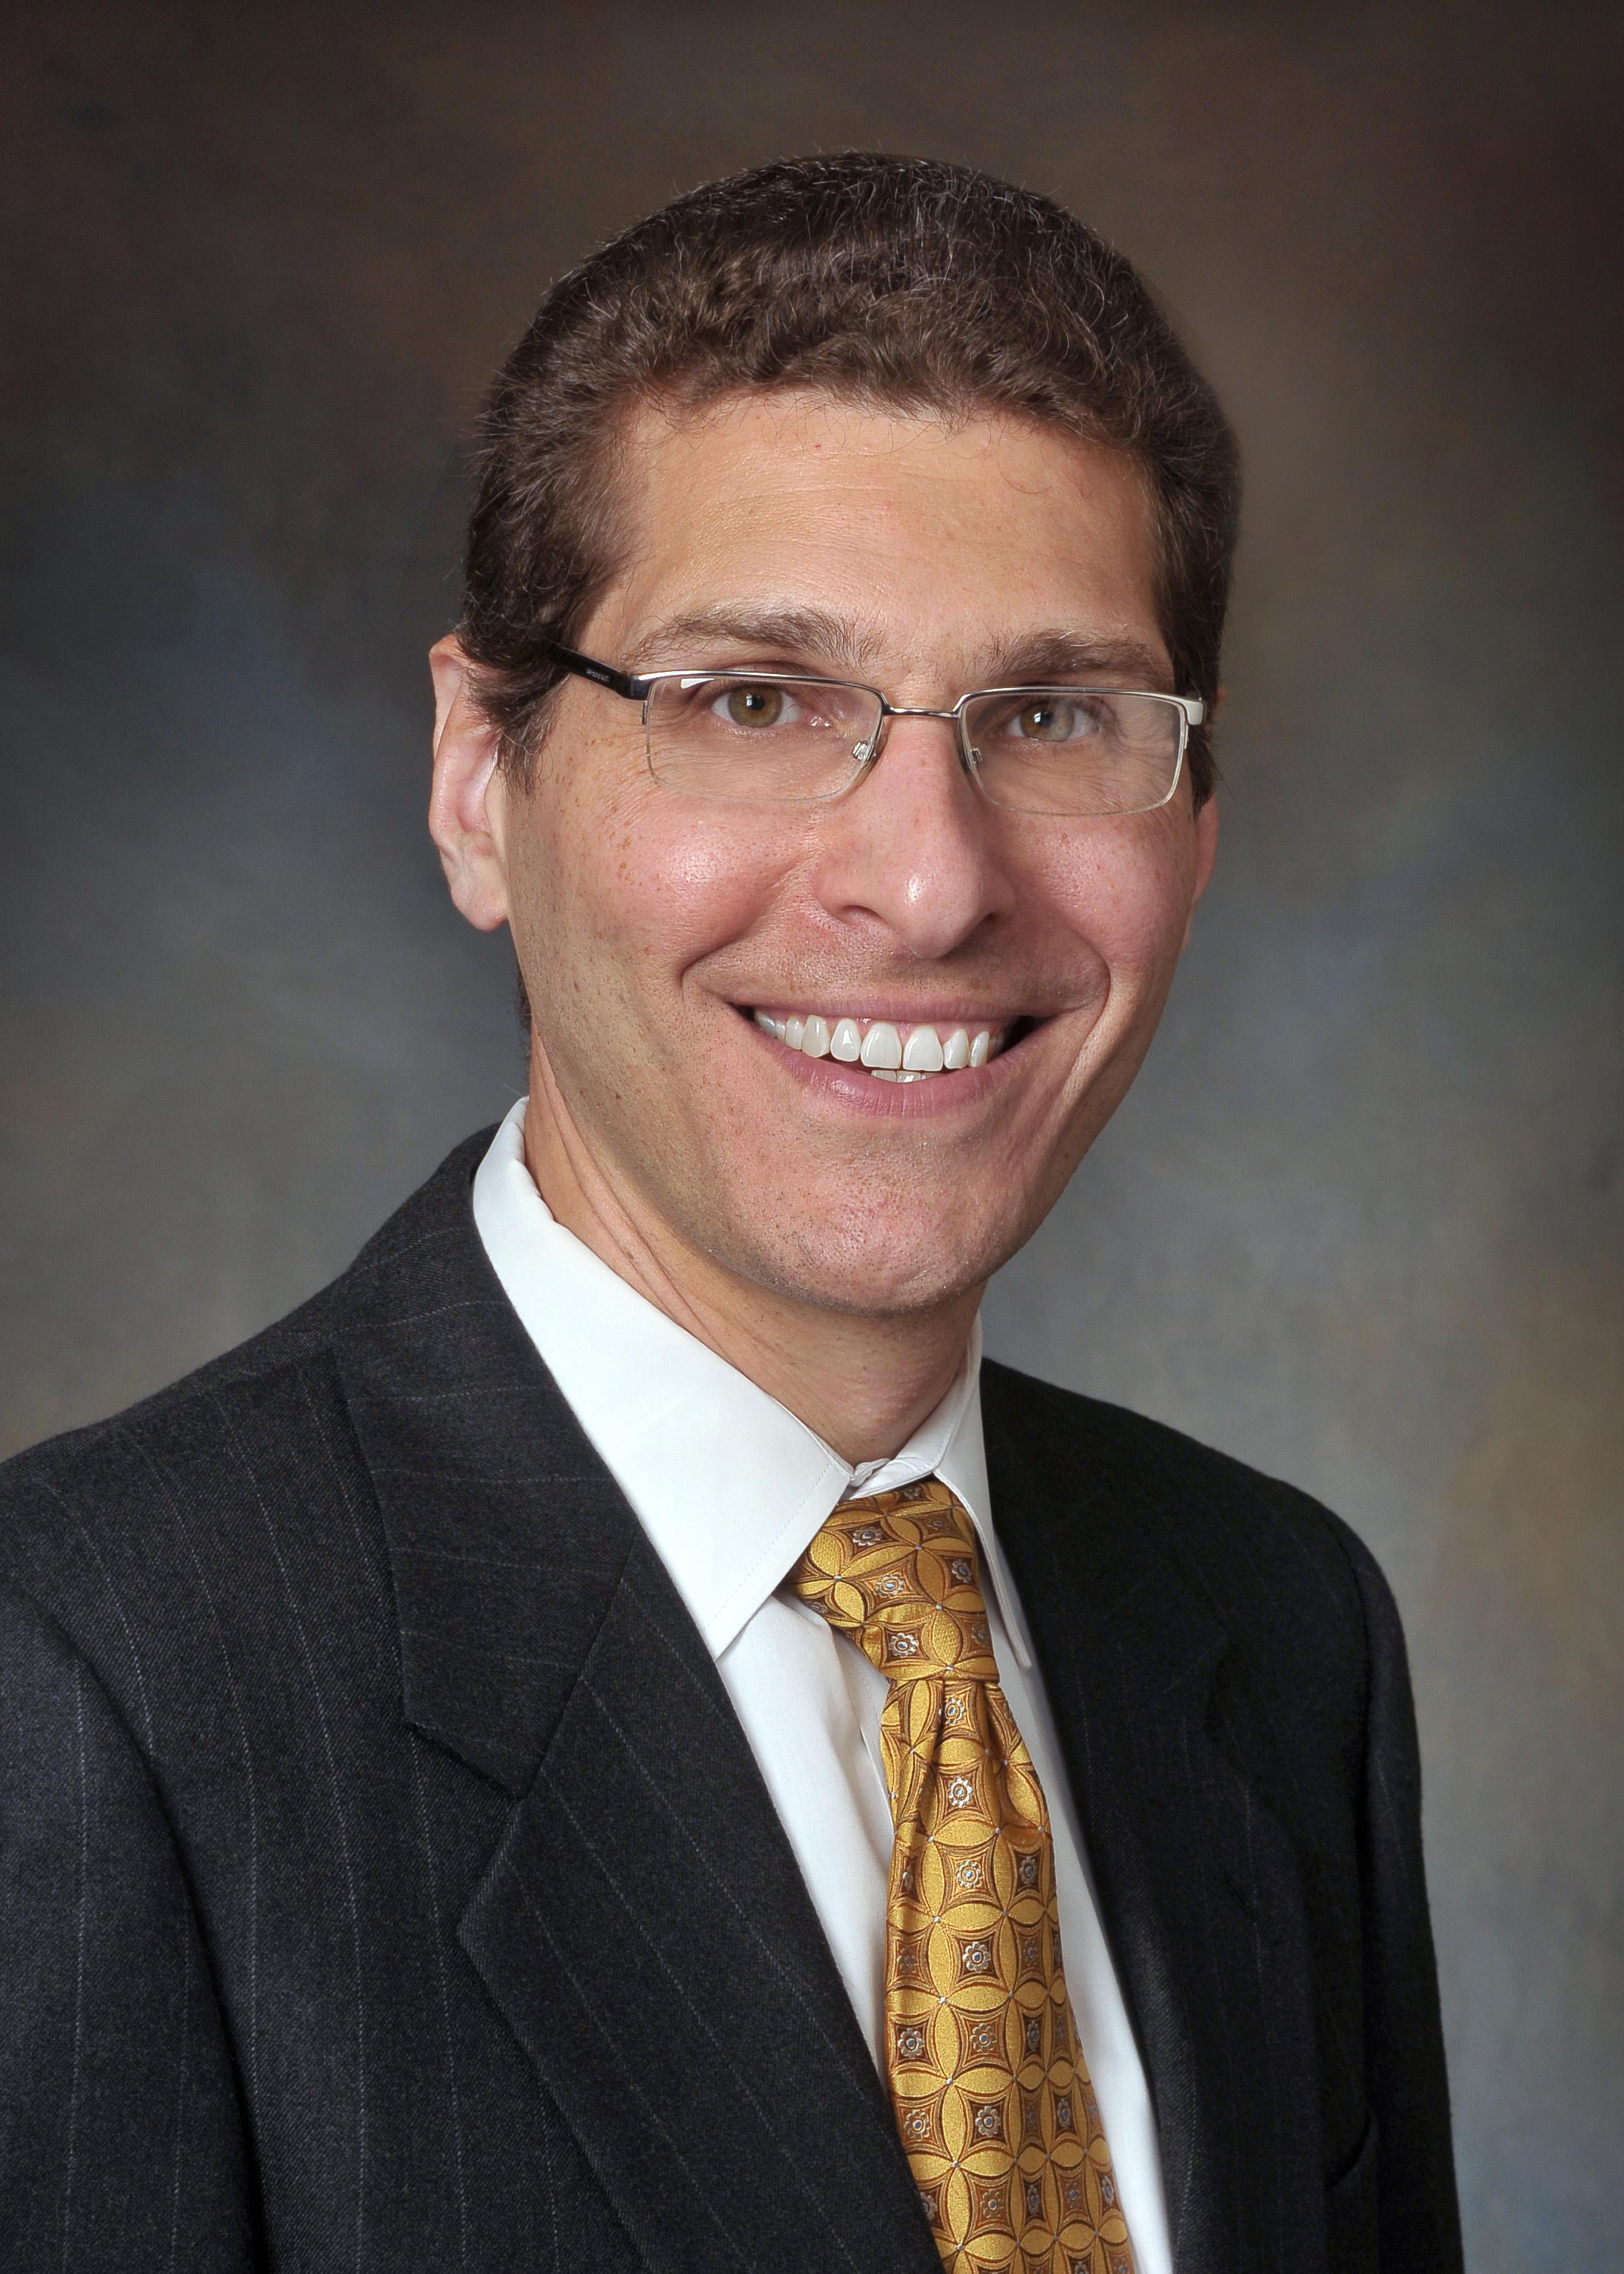 Ross Fox, MD